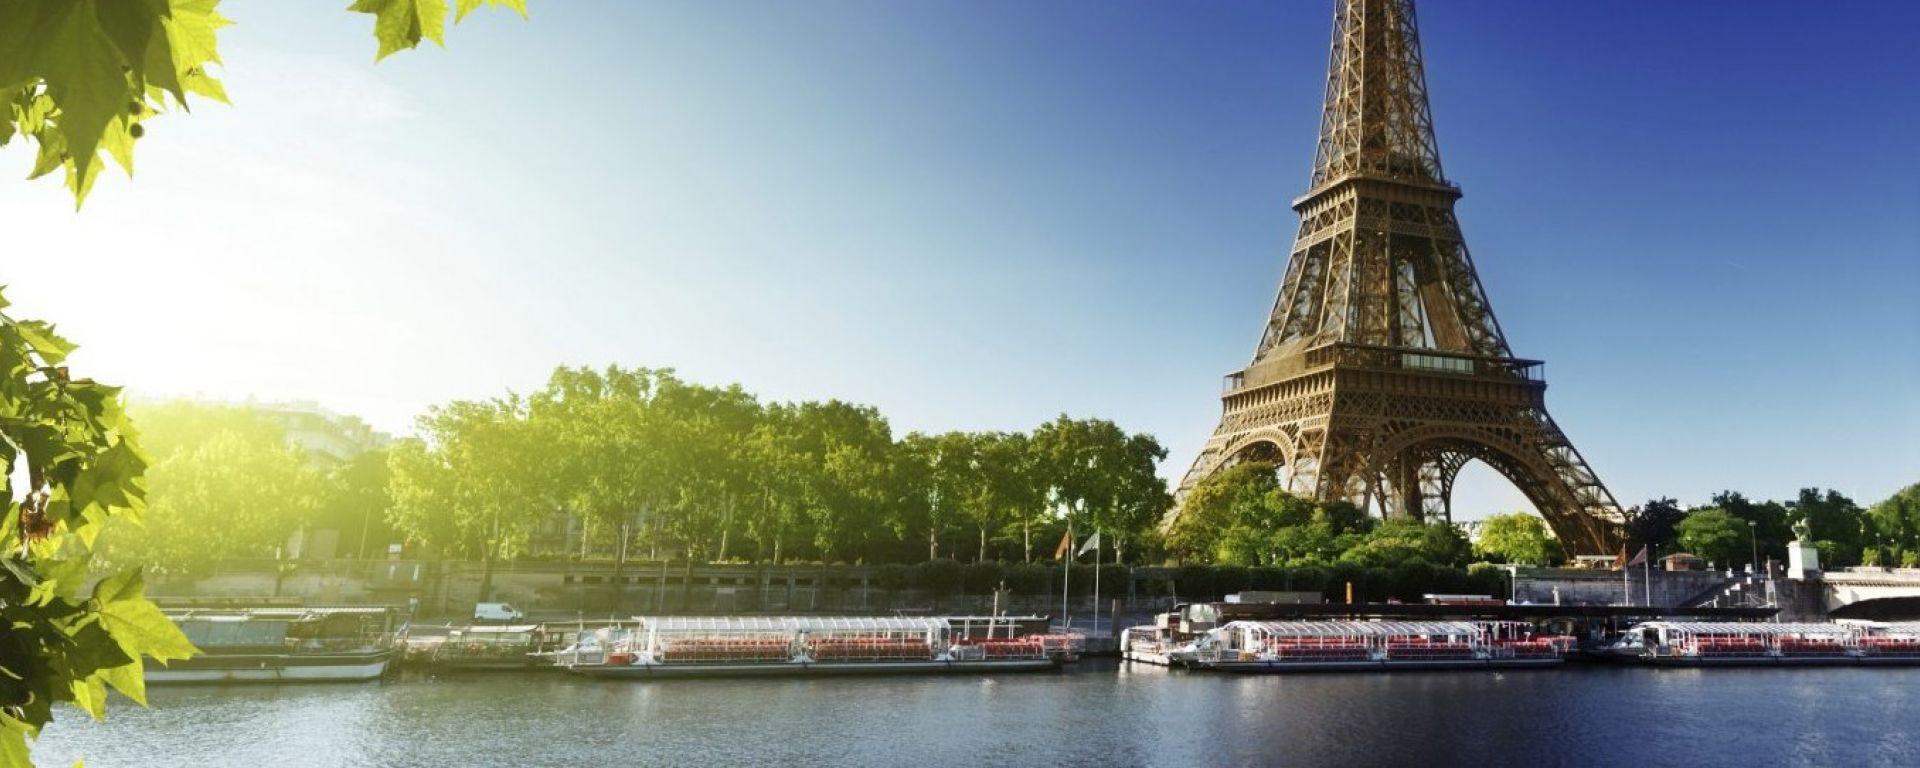 FCA-Renault, accordo sbilanciato verso Francia?